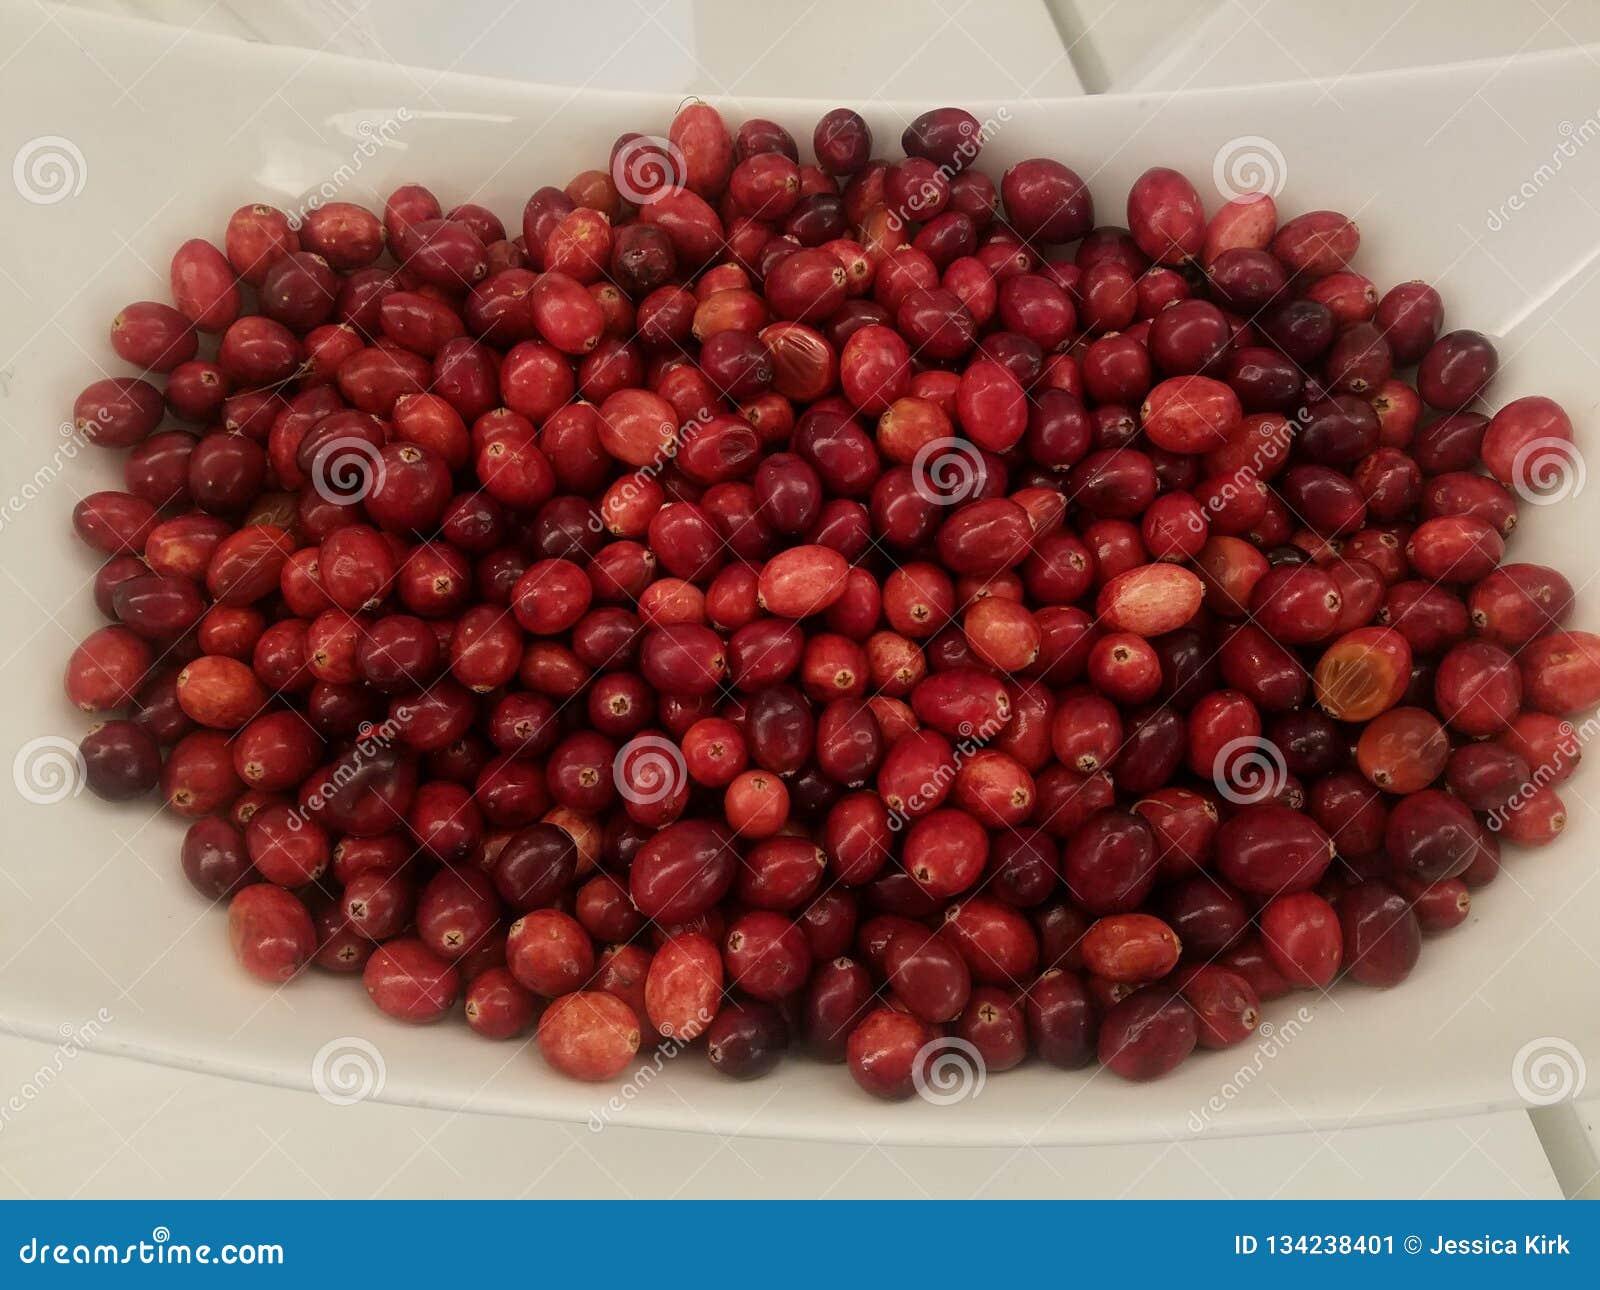 Sopra la vista dei mirtilli rossi freschi in ciotola bianca, ottenga i vostri antiossidanti